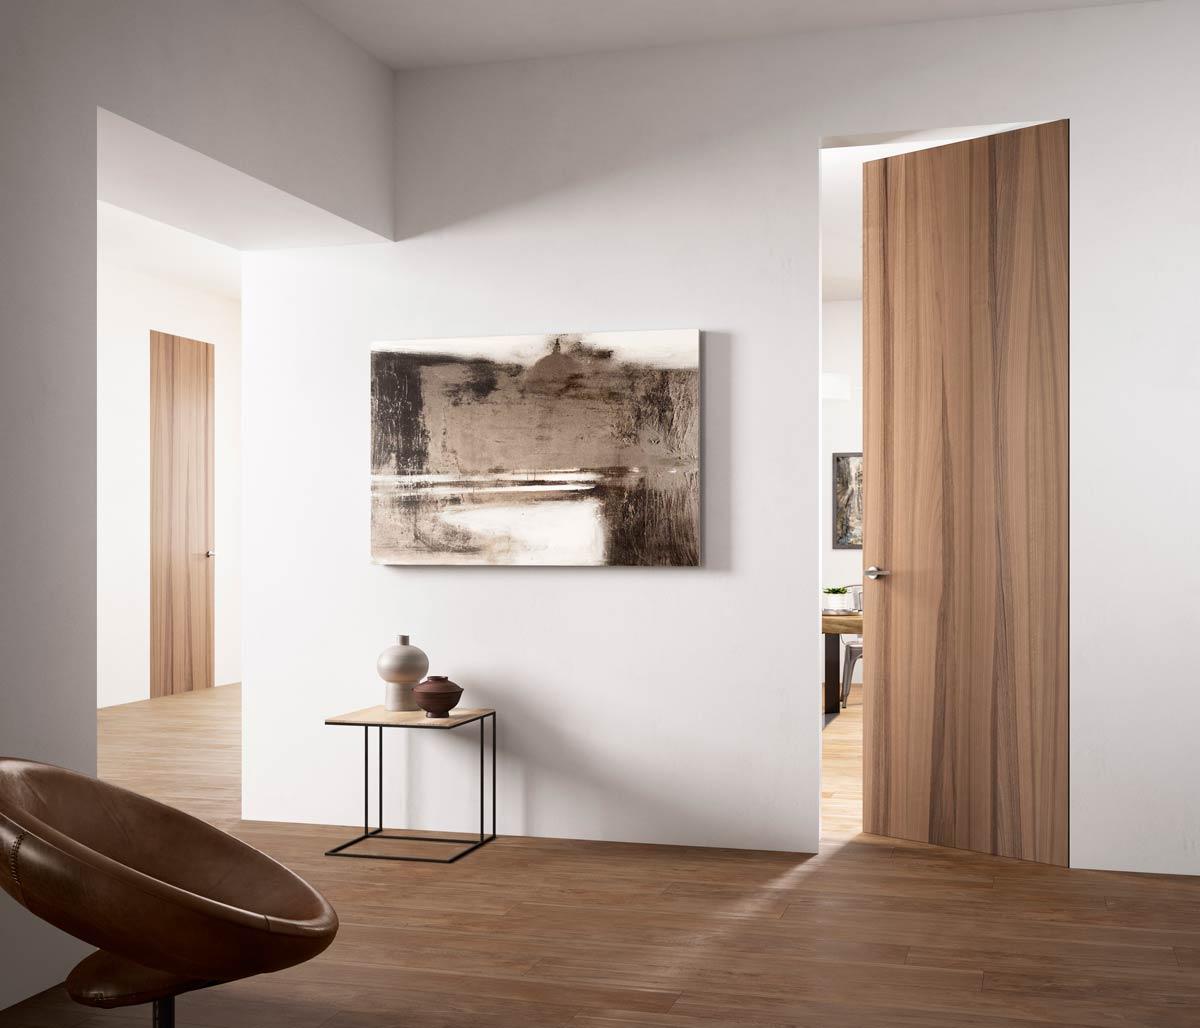 Come scegliere le porte interne guida all 39 acquisto omnia pisa - Verniciare porte interne laminato ...